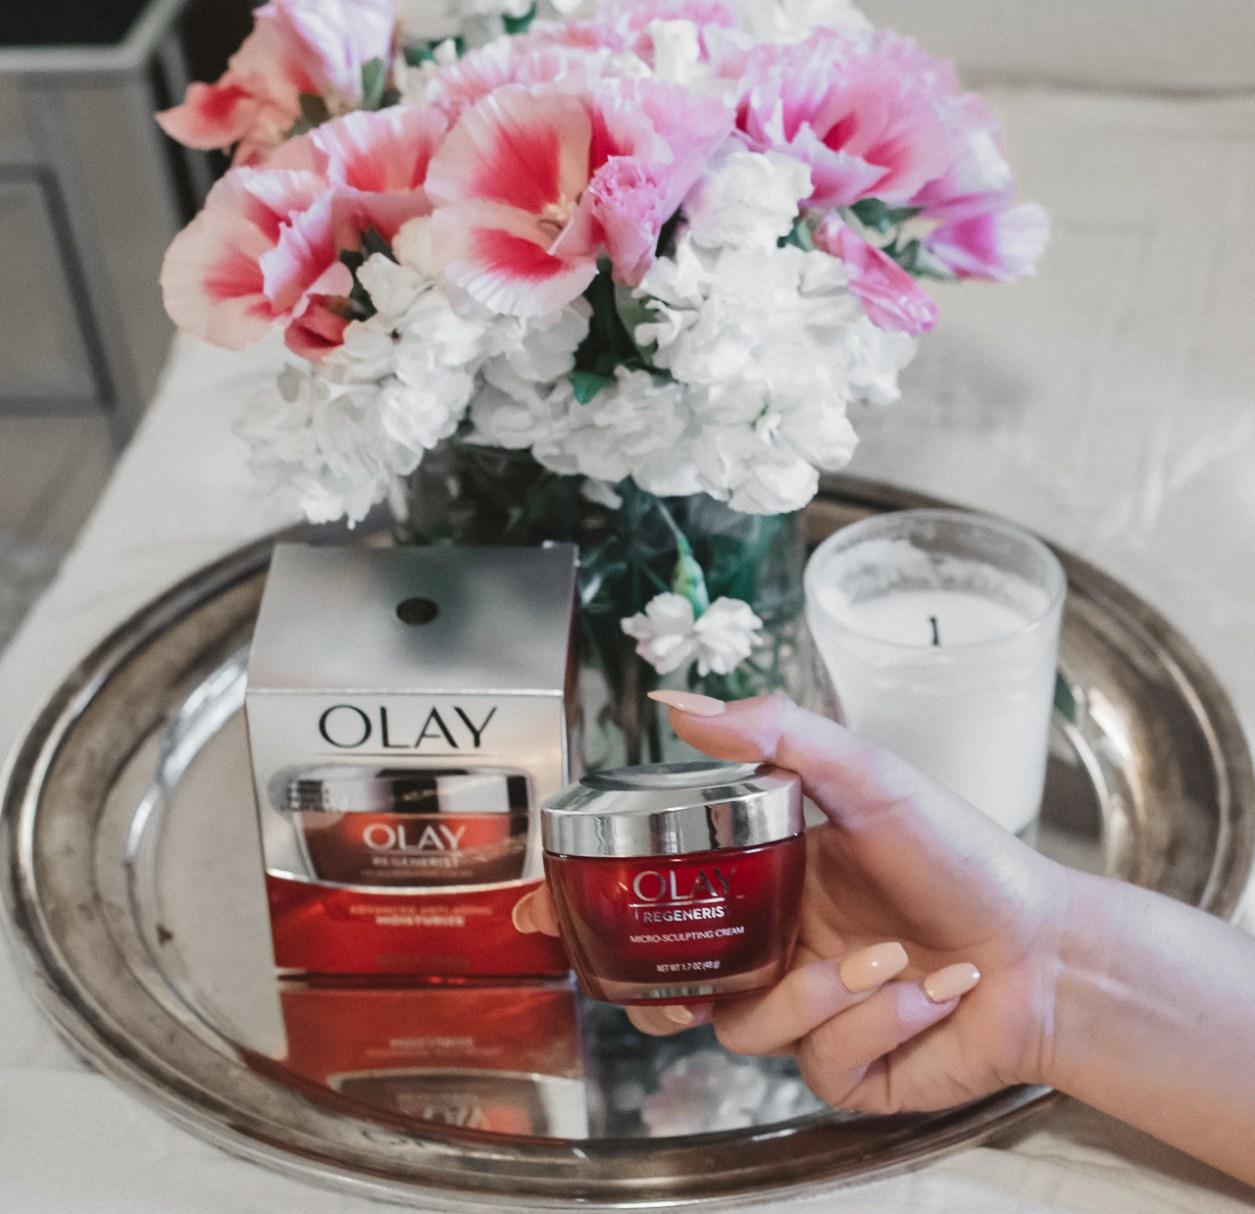 Olay Regenerest Micro-Sculpting Cream (19 of 20)